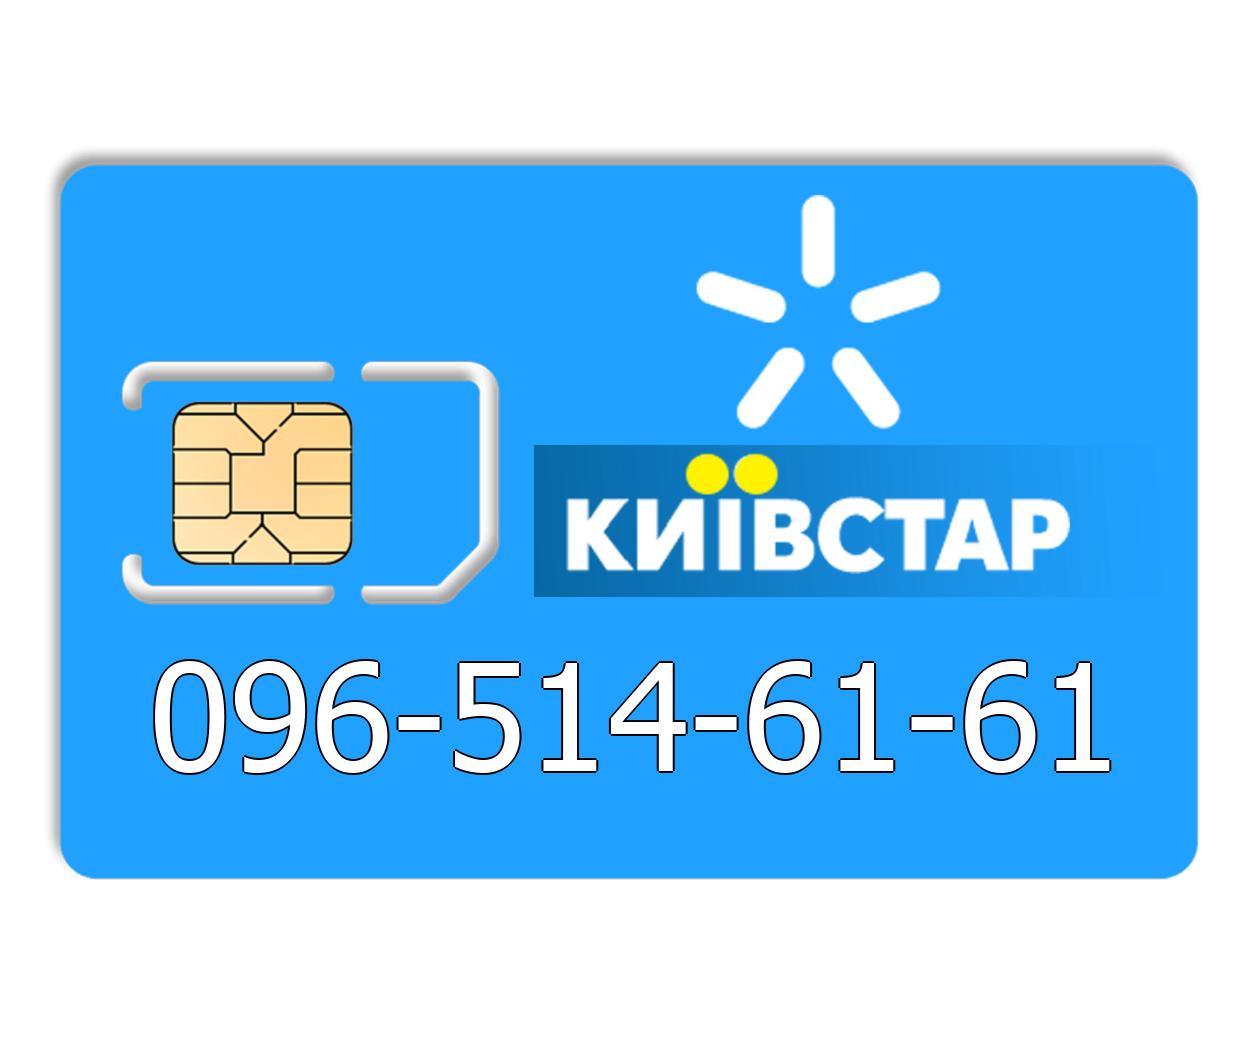 Красивый номер Киевстар 096-514-61-61